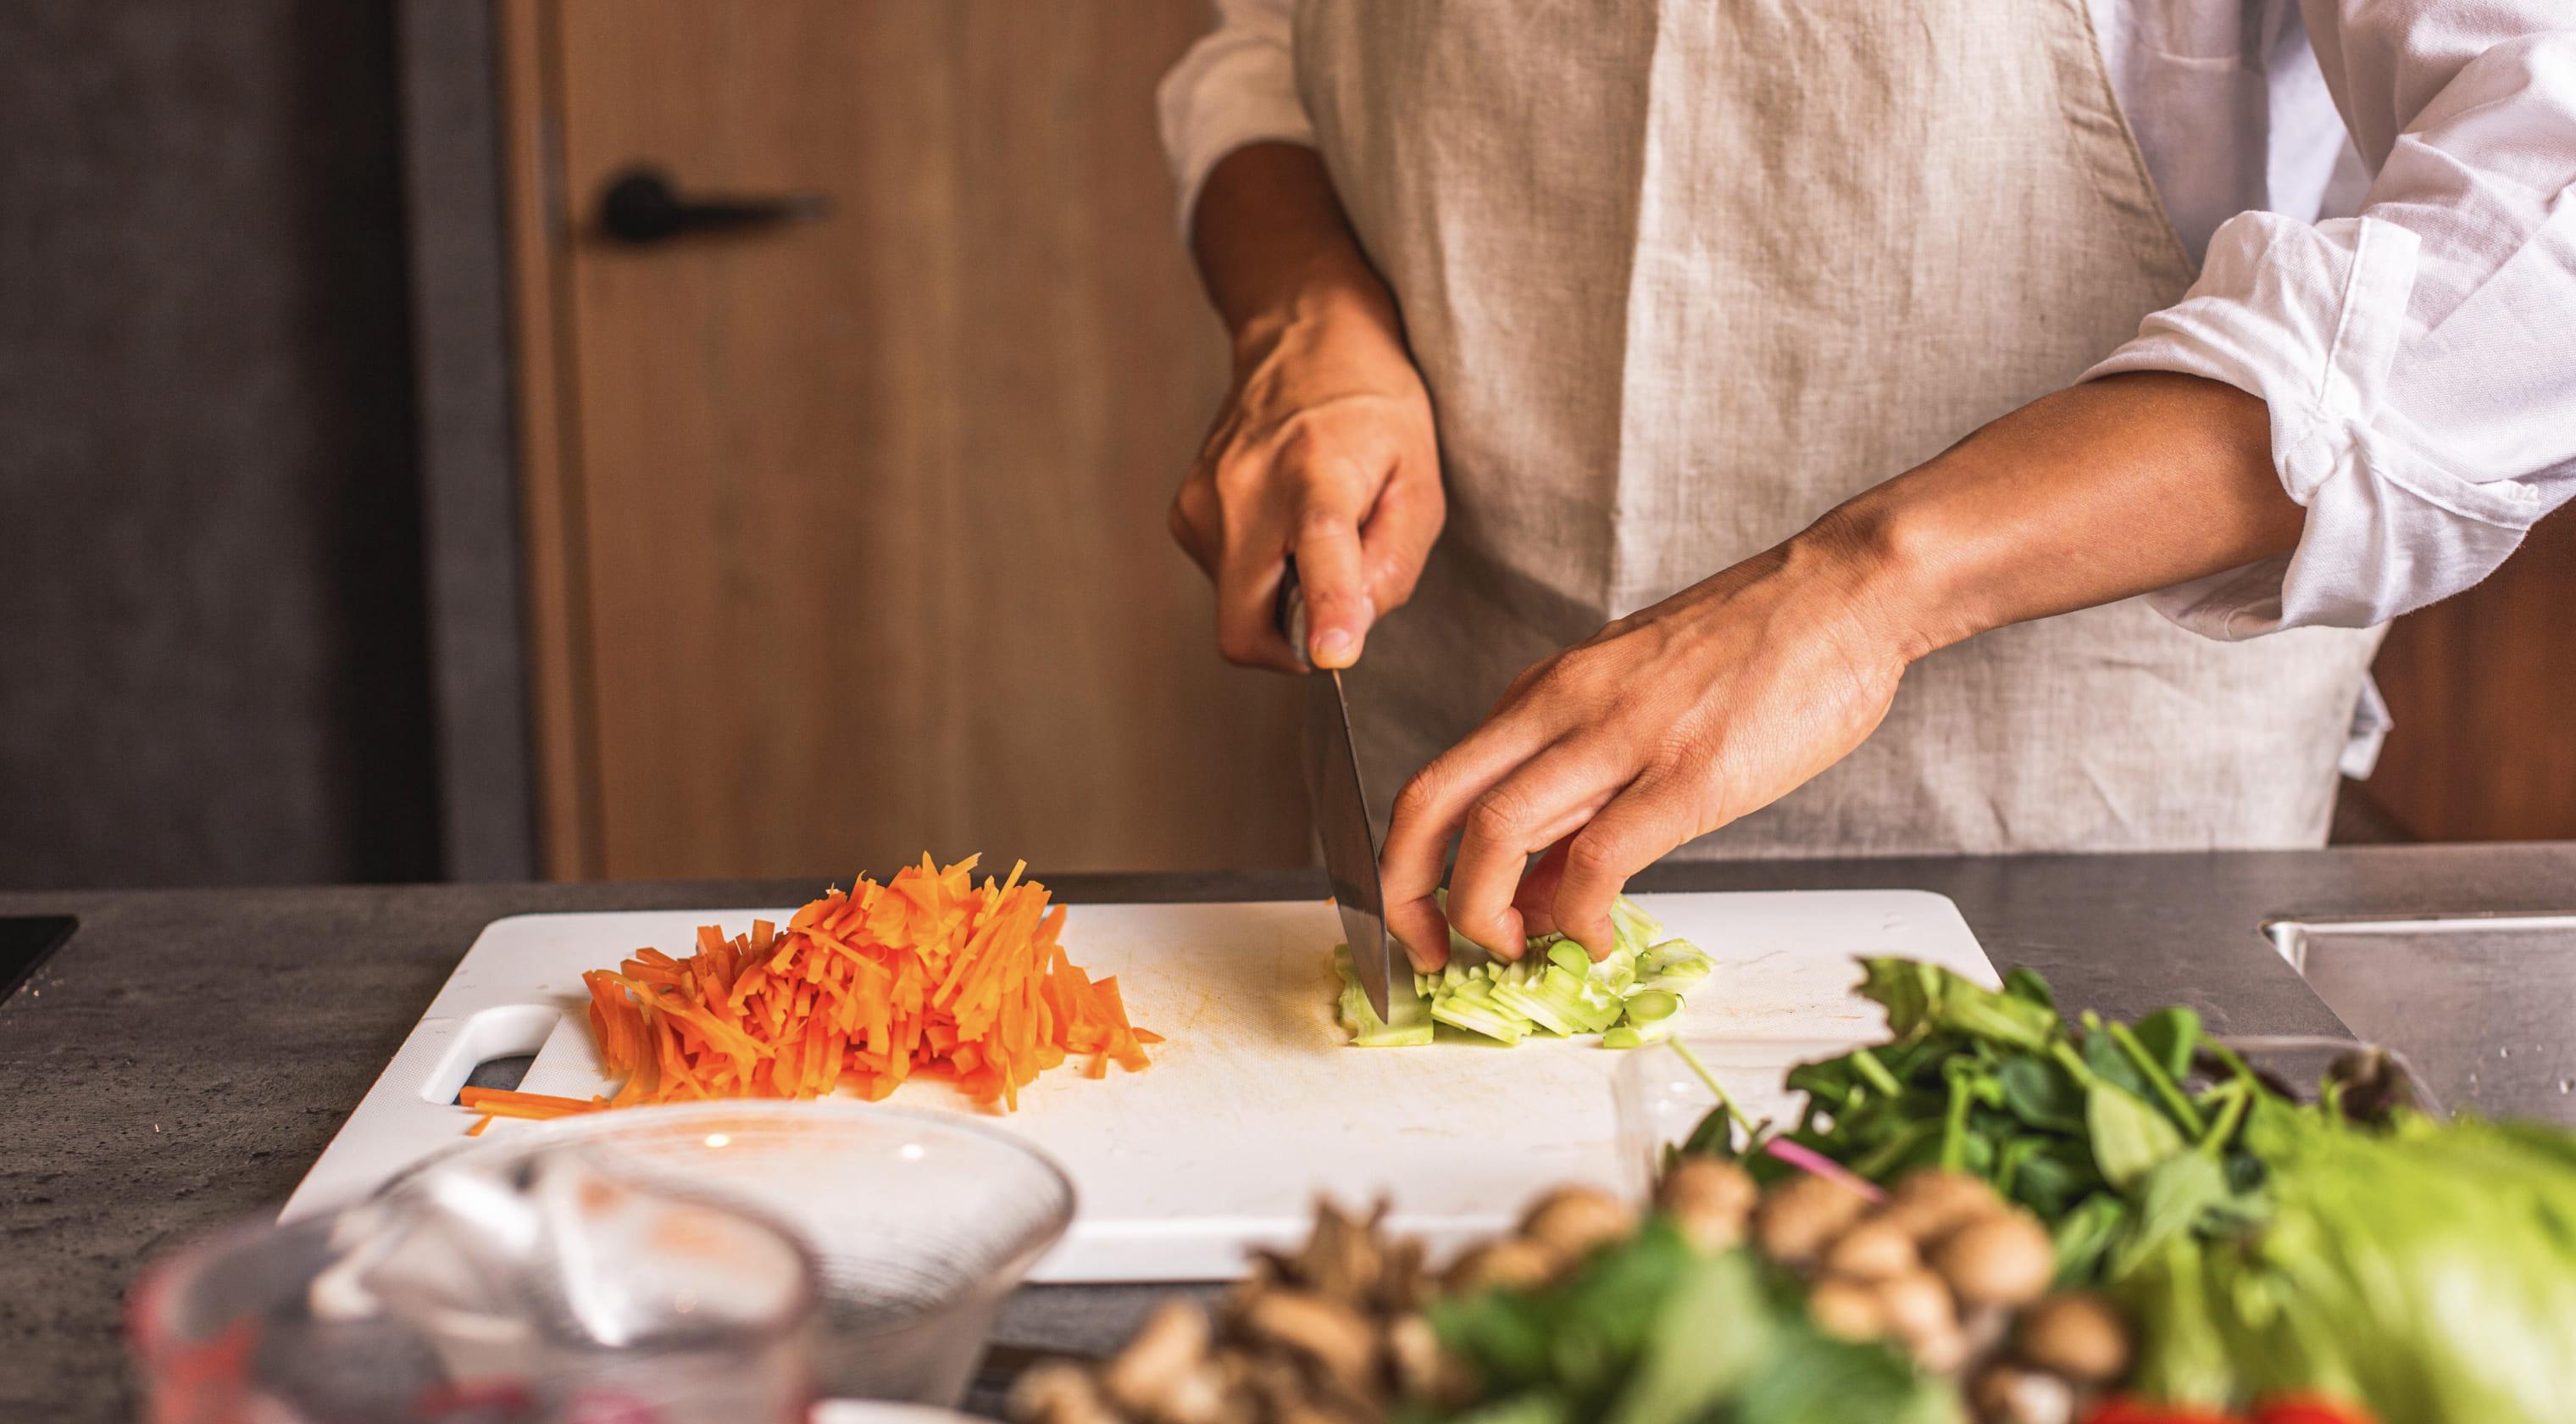 写真:男性が調理をしている手元。まな板の上で野菜を切っている。